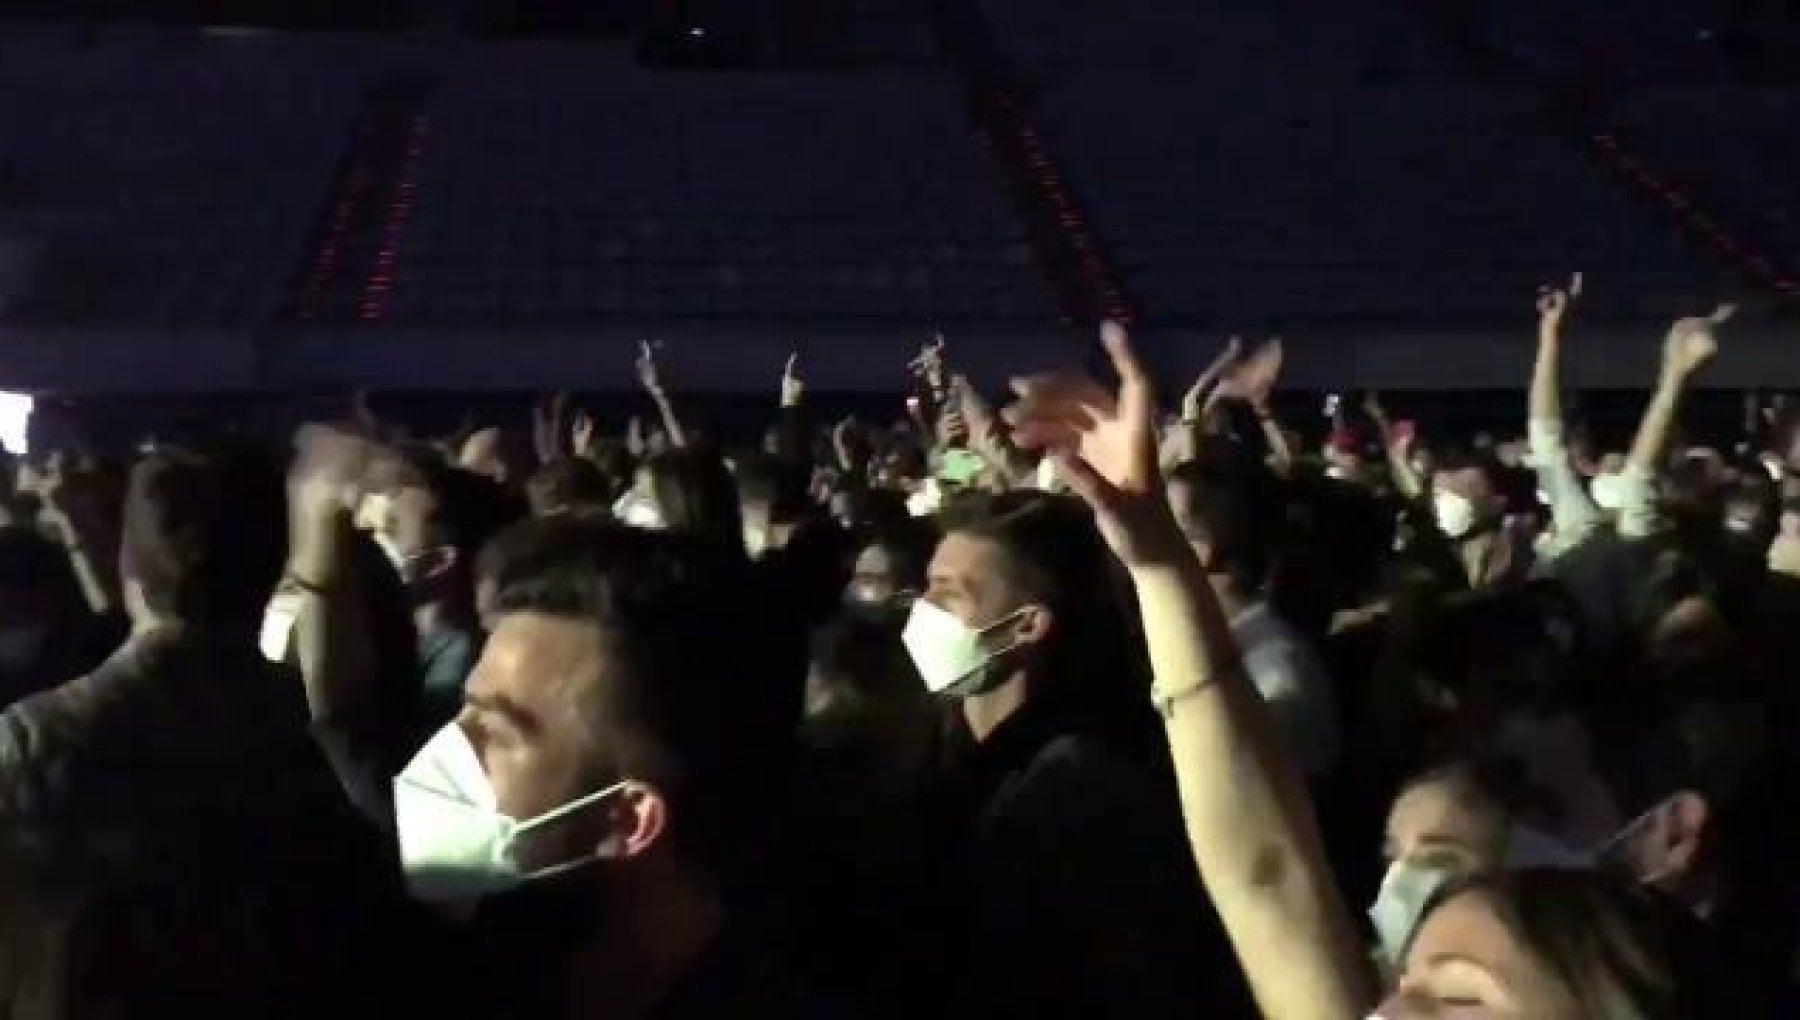 """062220903 f57118df 5201 4911 b540 64959d973262 - Barcellona torna a ballare: in 5mila al primo concerto dell'era Covid.. """"Per tutti tamponi rapidi e mascherine: tra 14 giorni capiremo"""""""